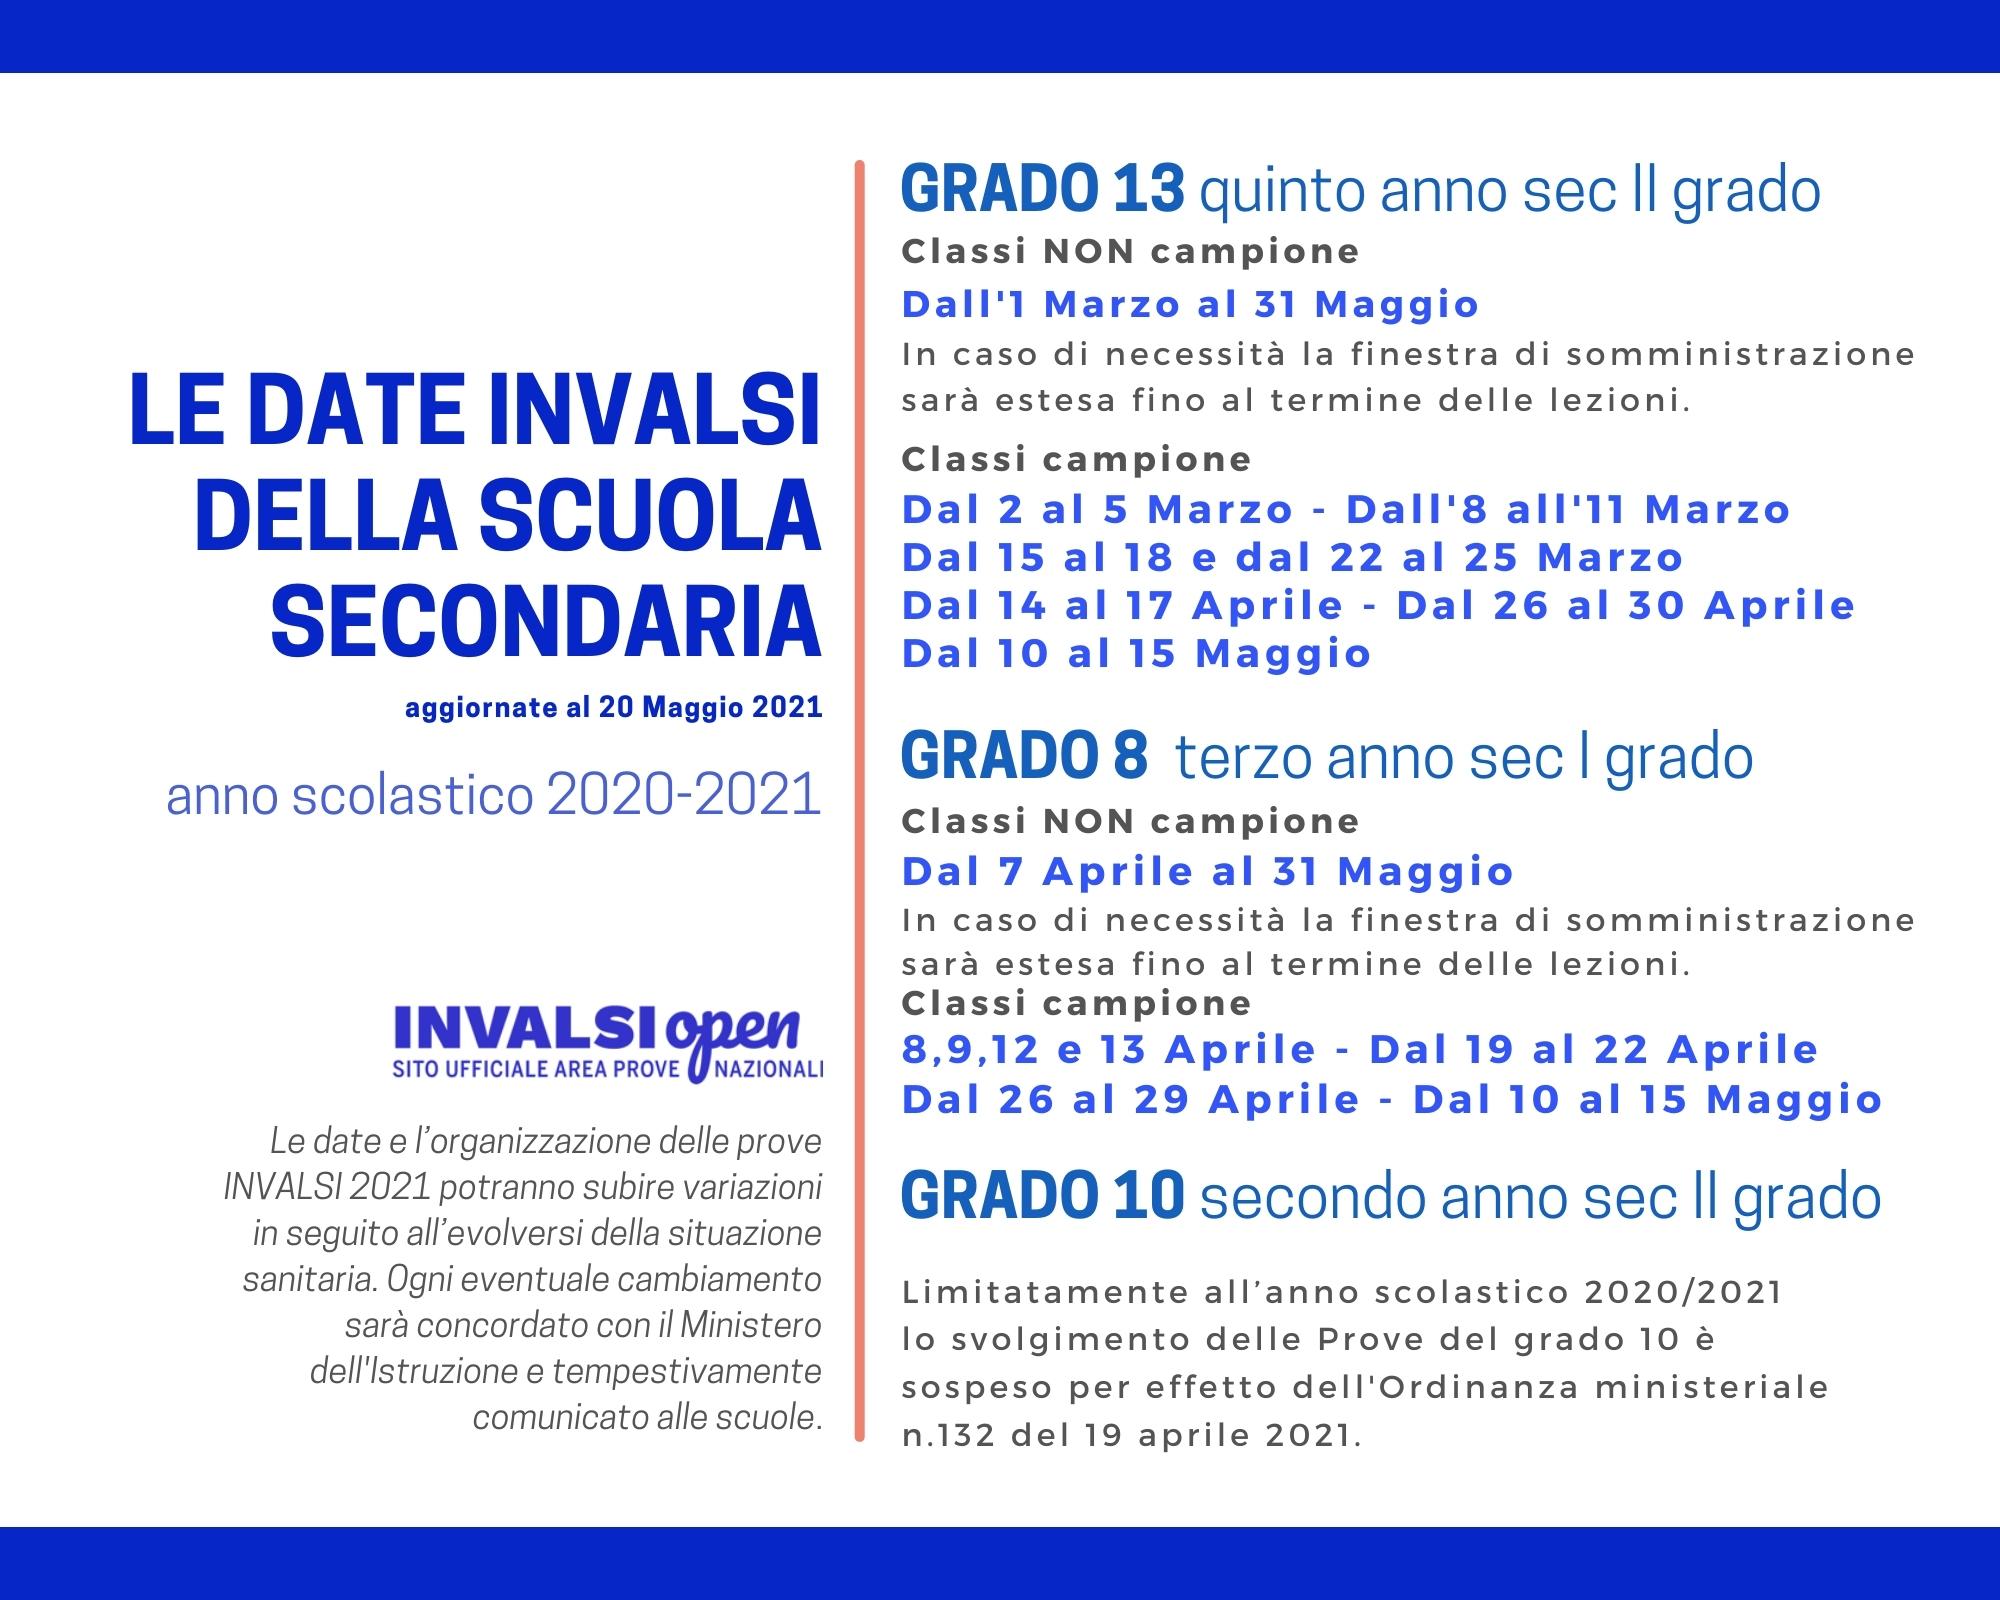 Le date delle Prove INVALSI 2021 della Scuola Secondaria - Aggiornate al 20 maggio 2021